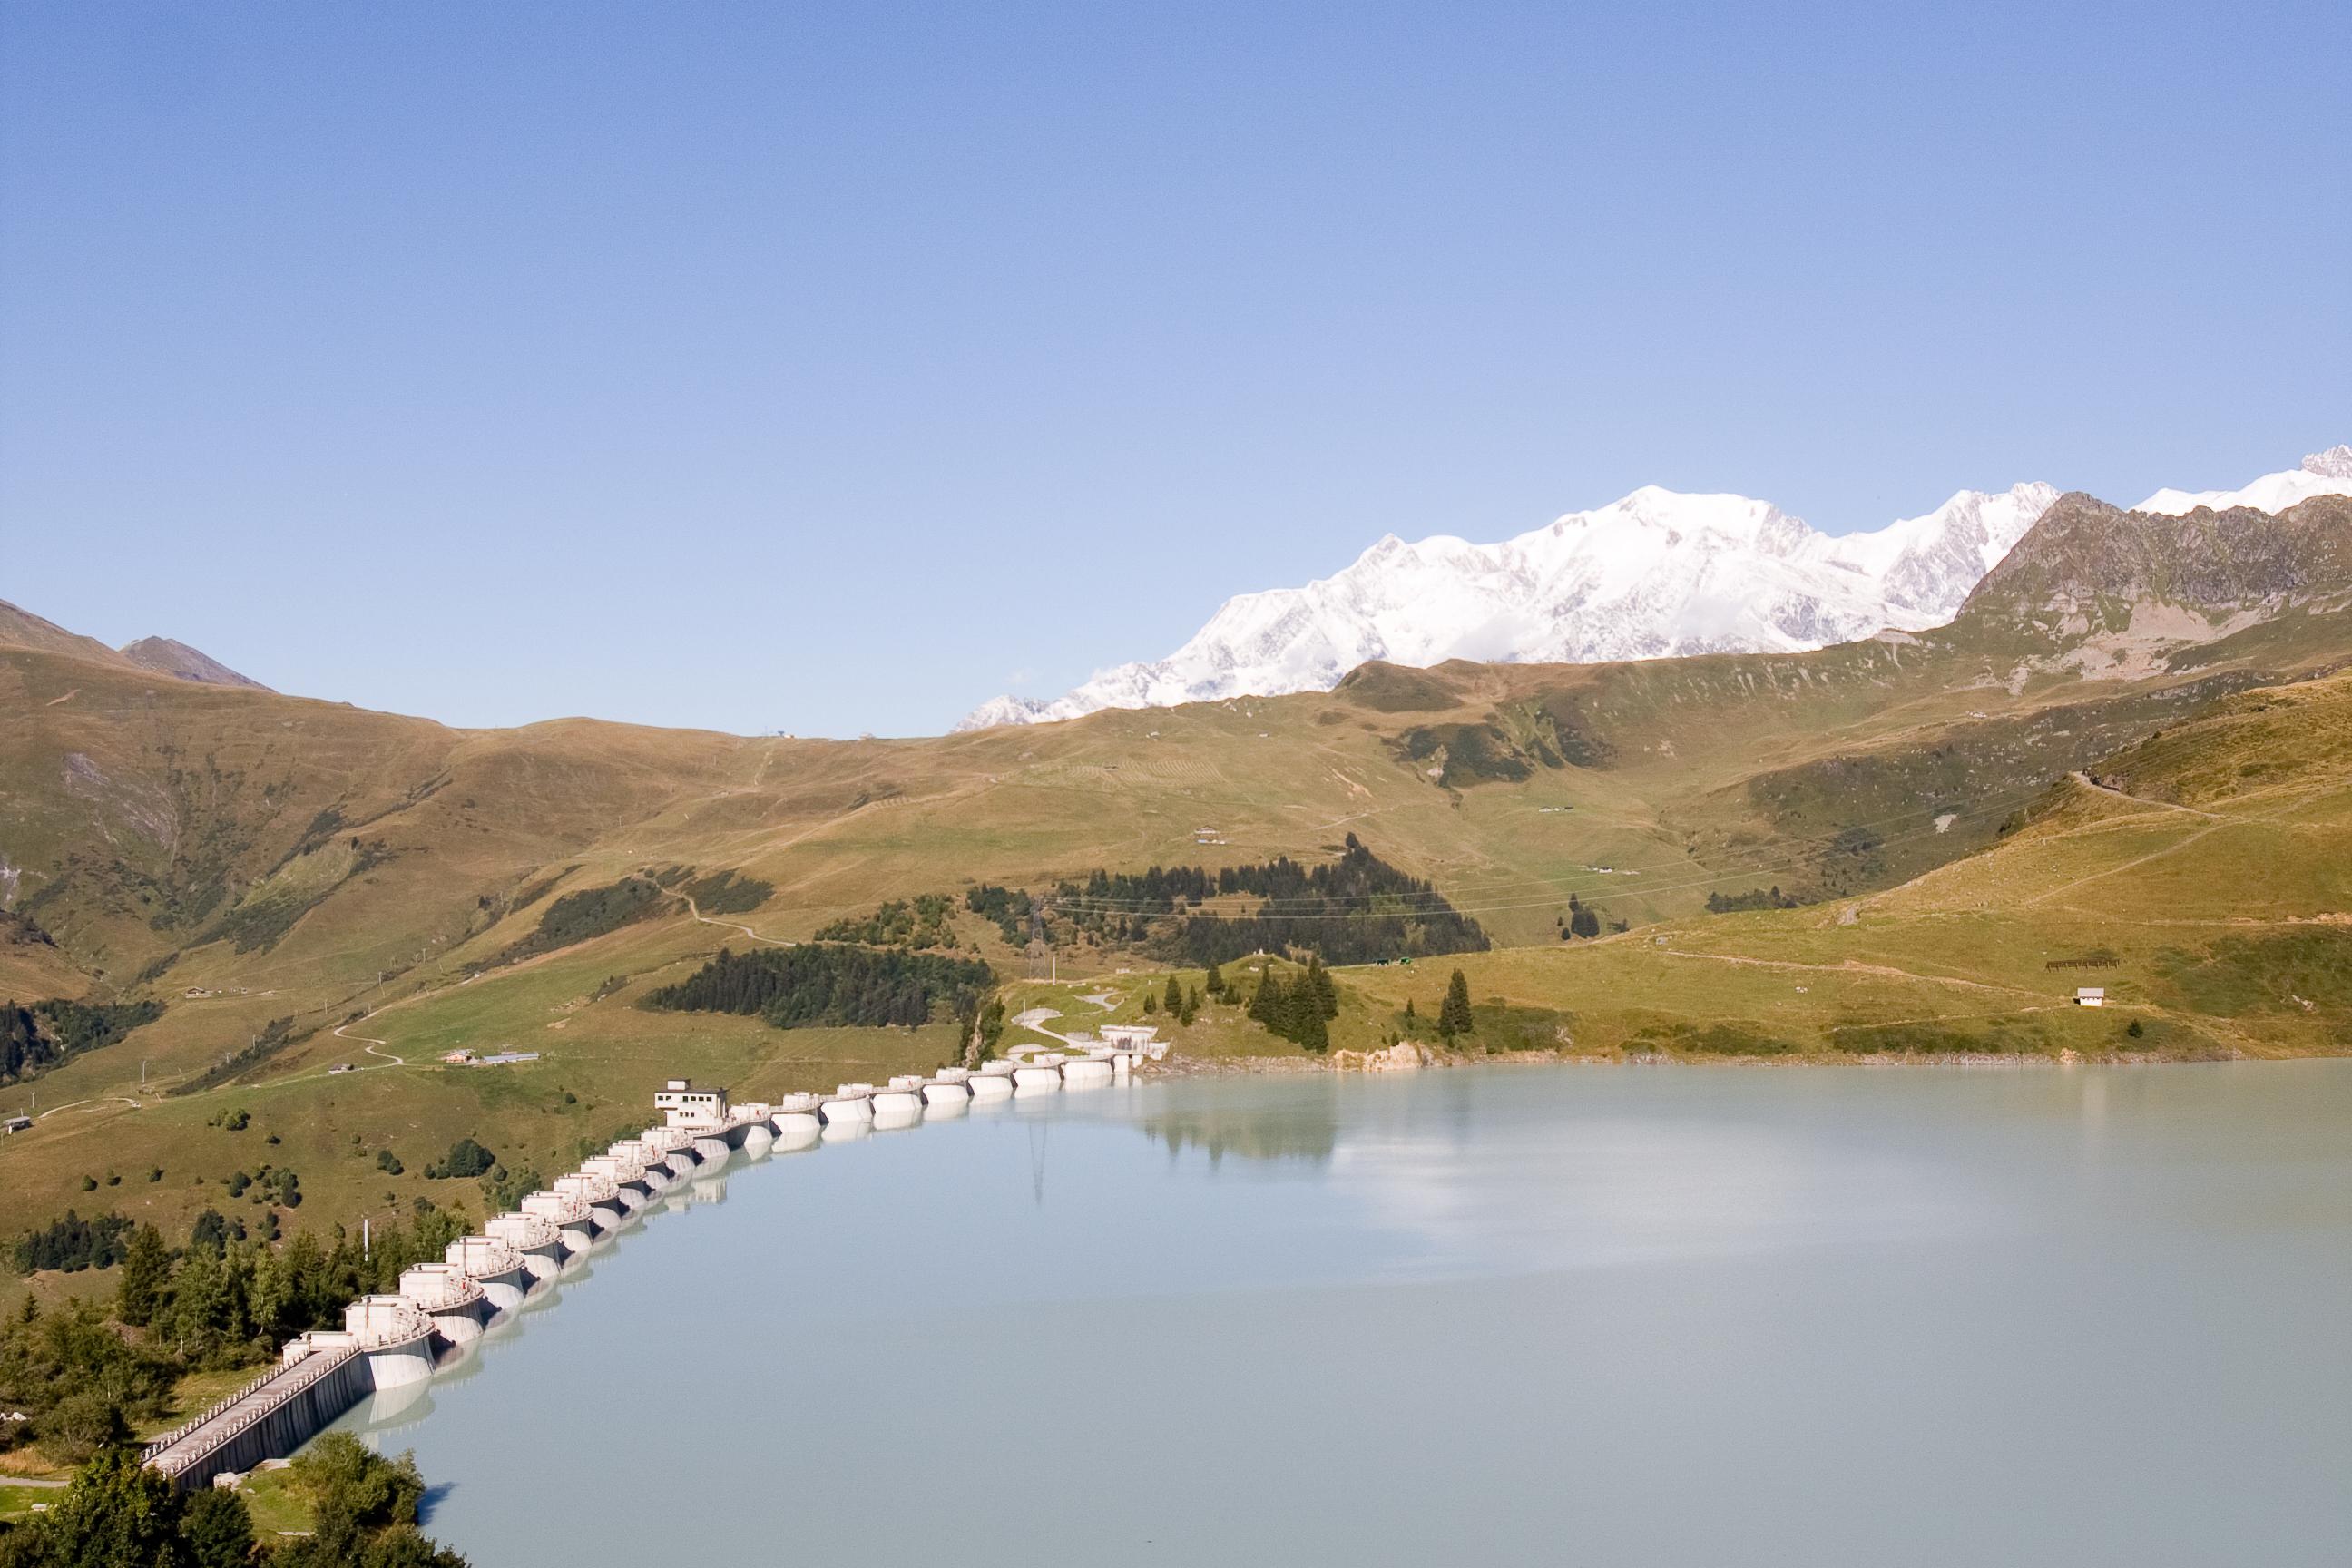 Girotte Dam